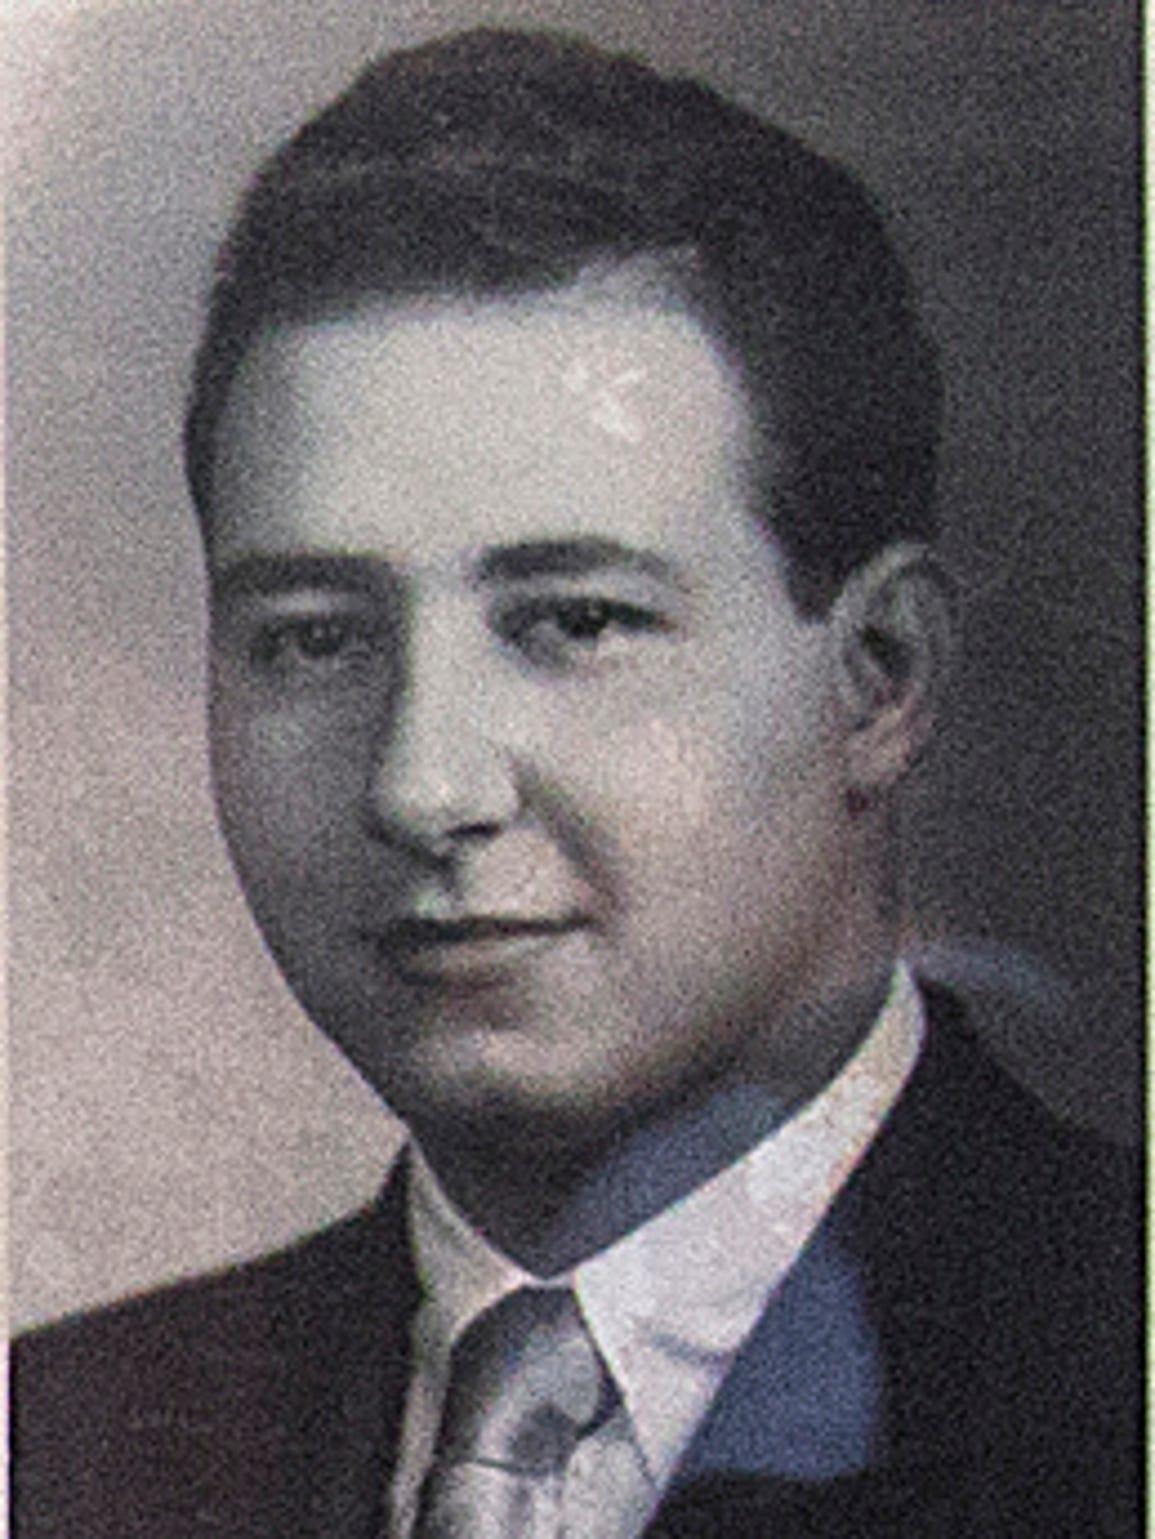 """Undated family photo of  Manuel """"Matty"""" Moroun."""